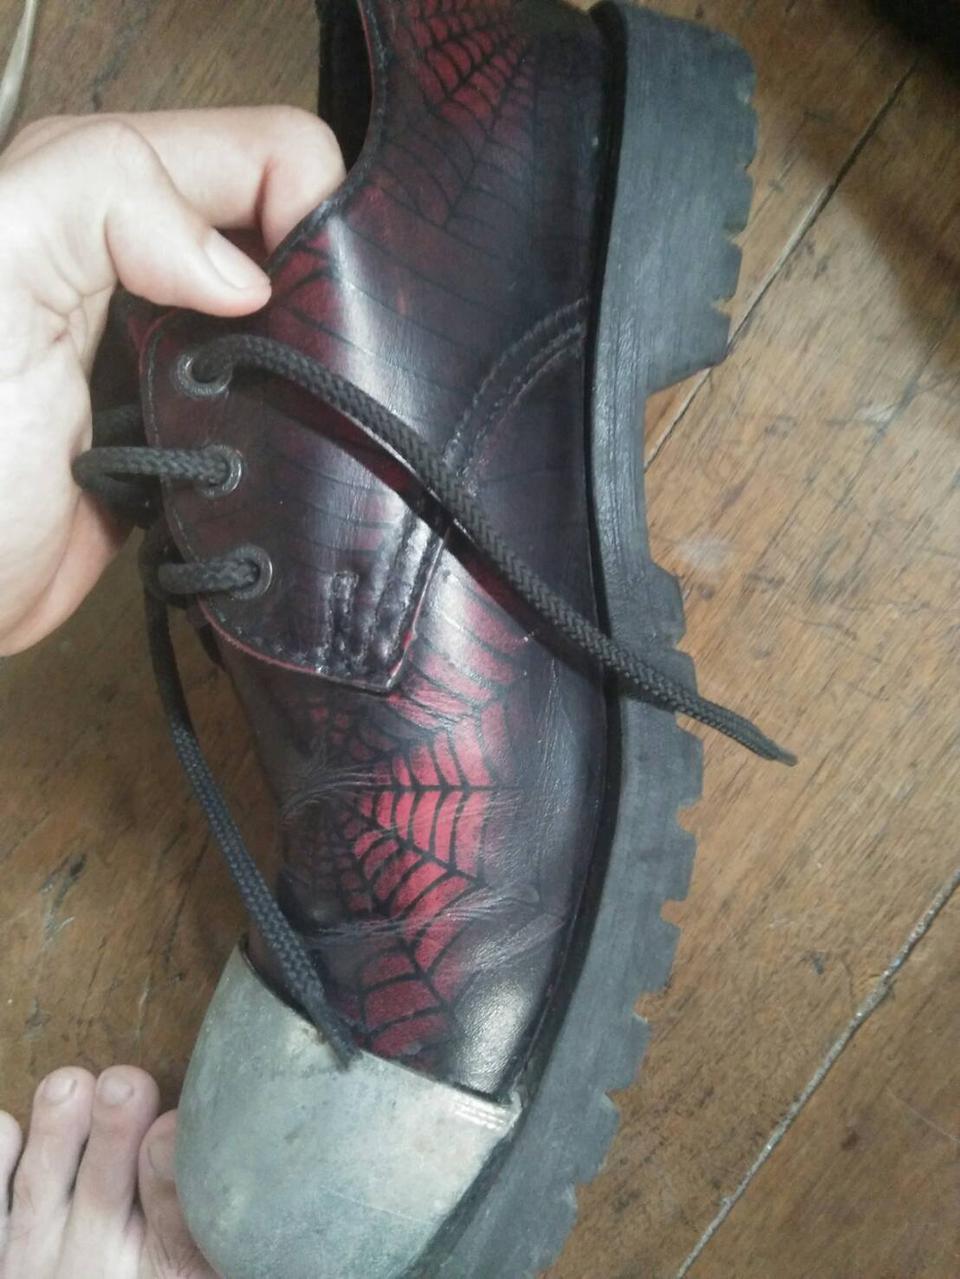 รองเท้าunderground แมงมุมเเดง 7uk รูปที่ 3